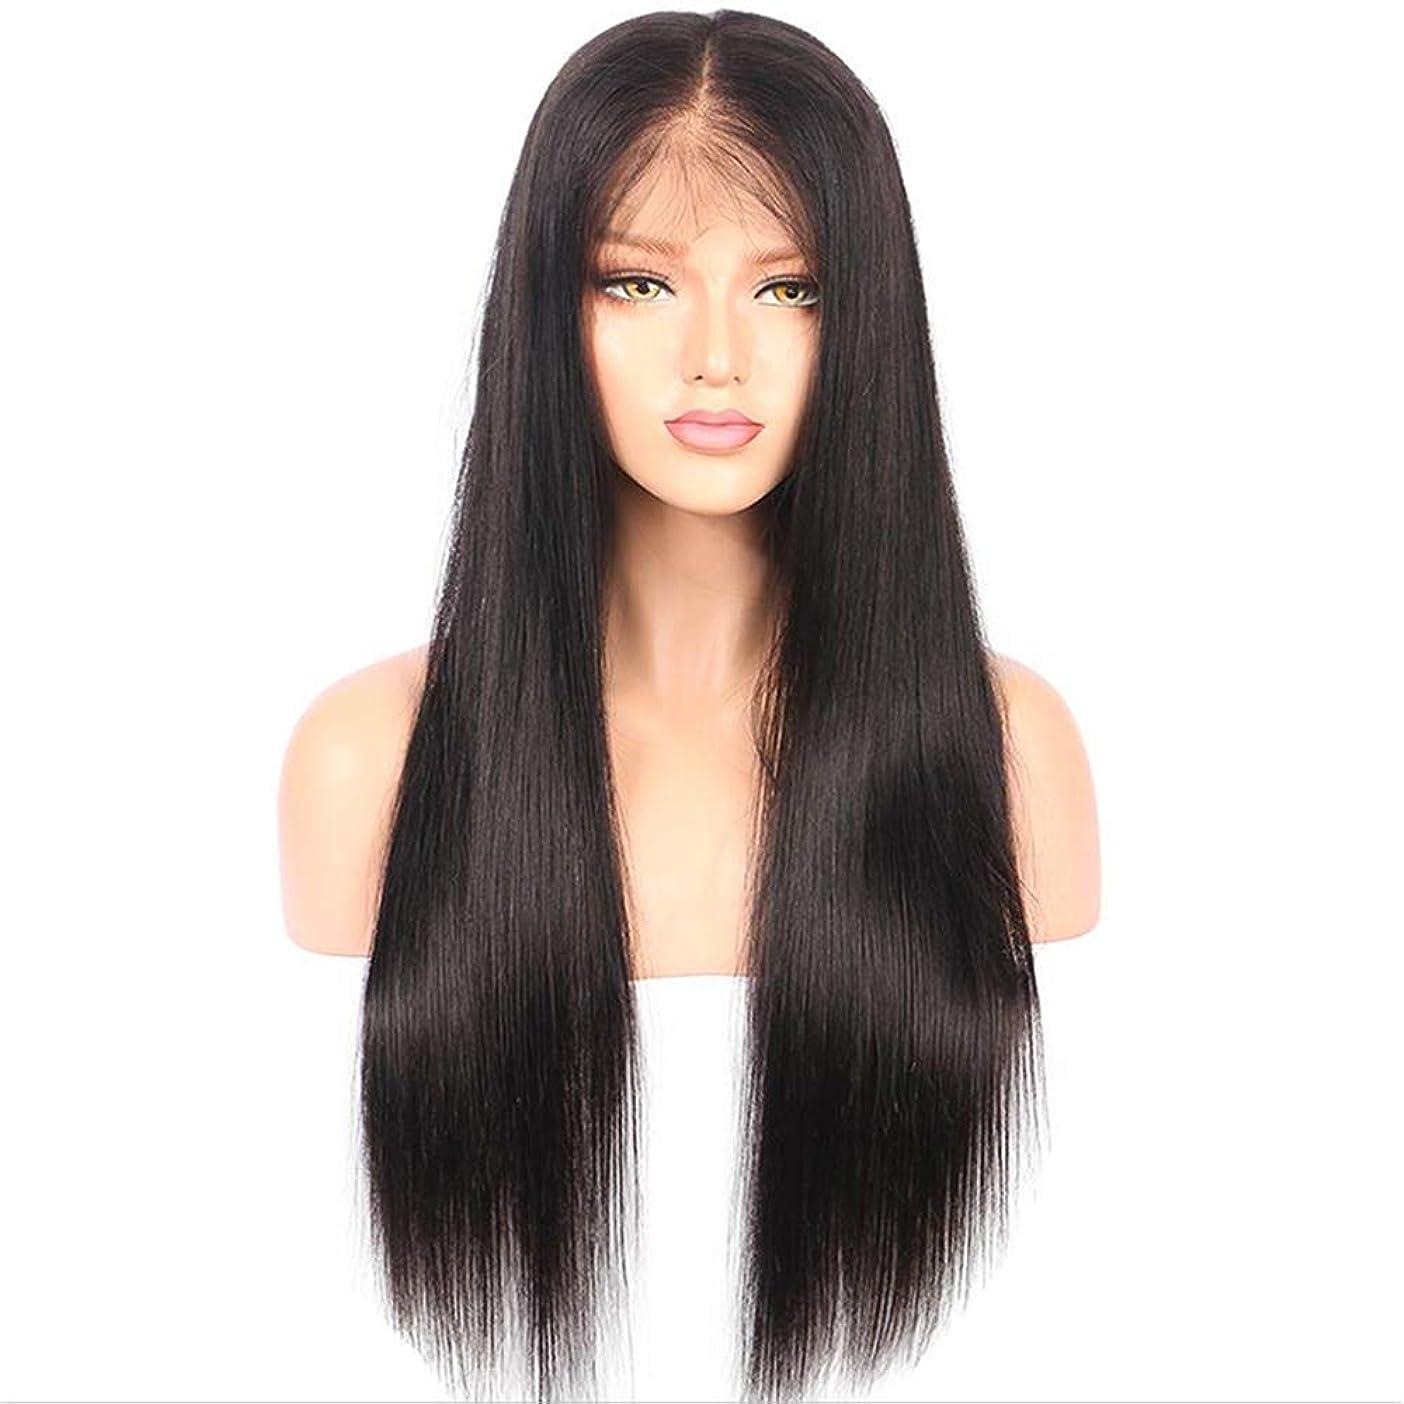 処理するハックそんなに女性レースフロントウィッグ100%未処理のバージンヘアブラジル人のremy人間の髪の毛ストレートヘアレースかつら180%密度黒26インチ